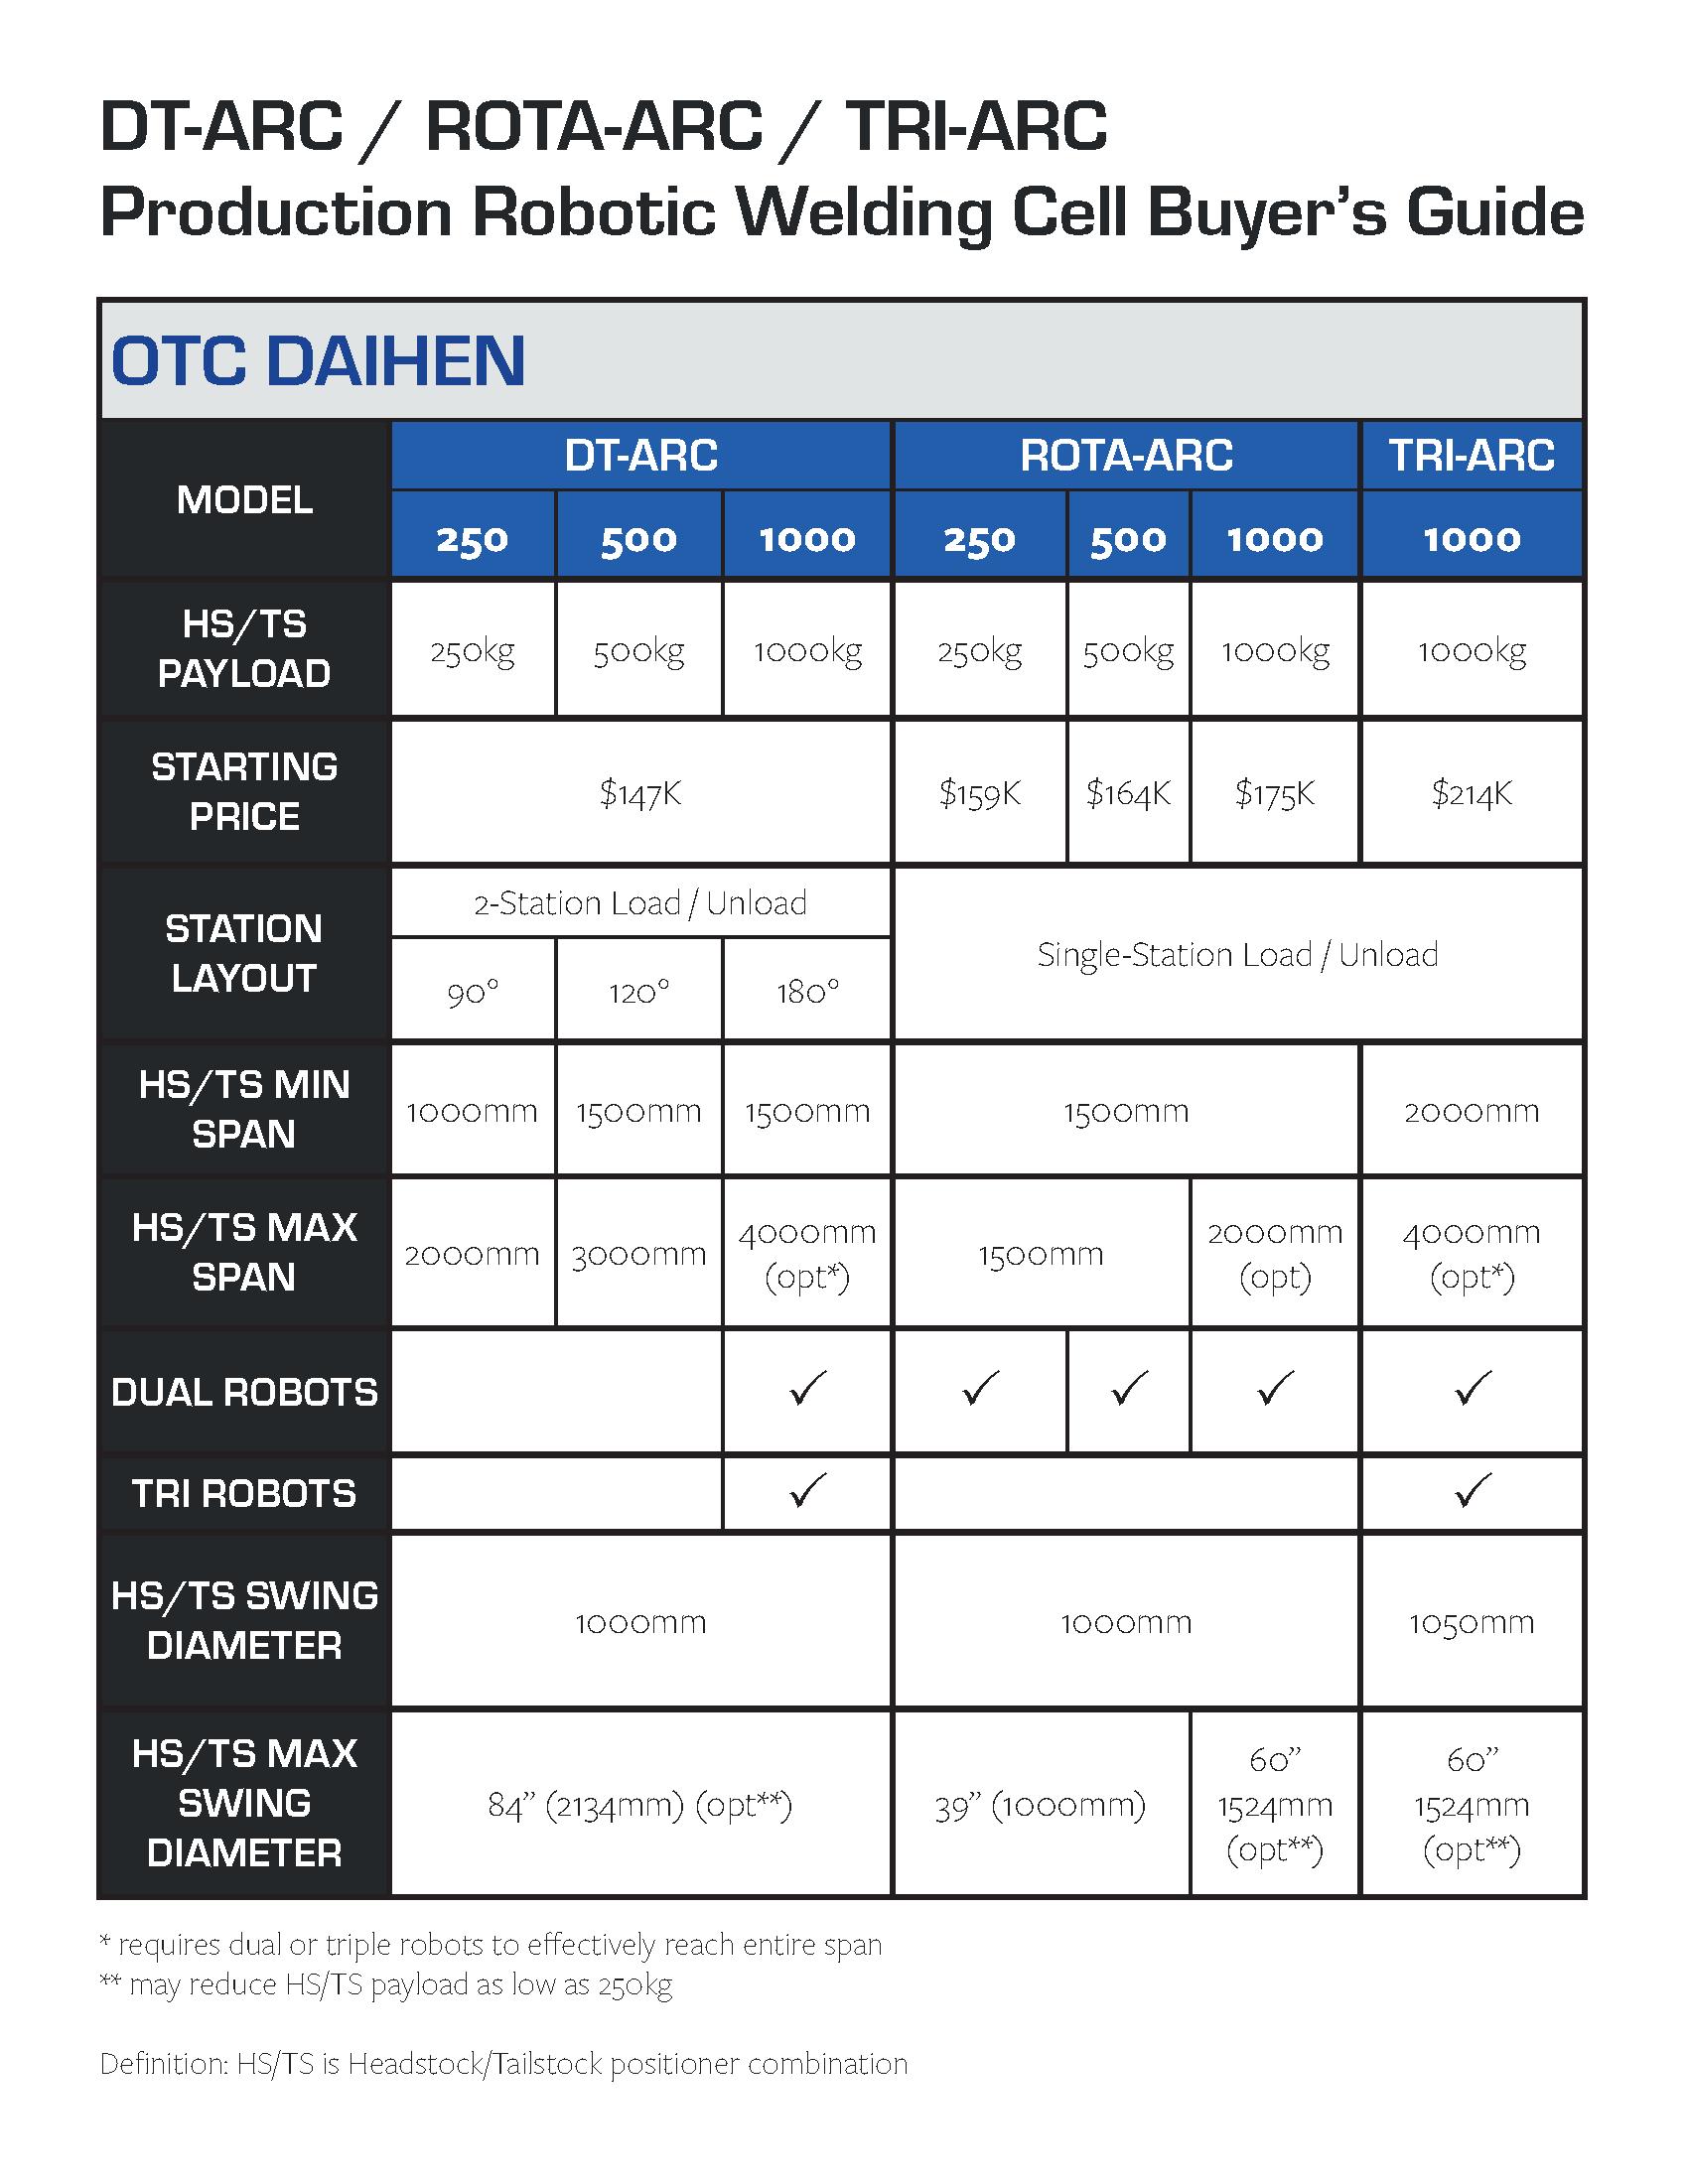 OTC DAIHEN ROTA-ARC Buyer's Guide chart